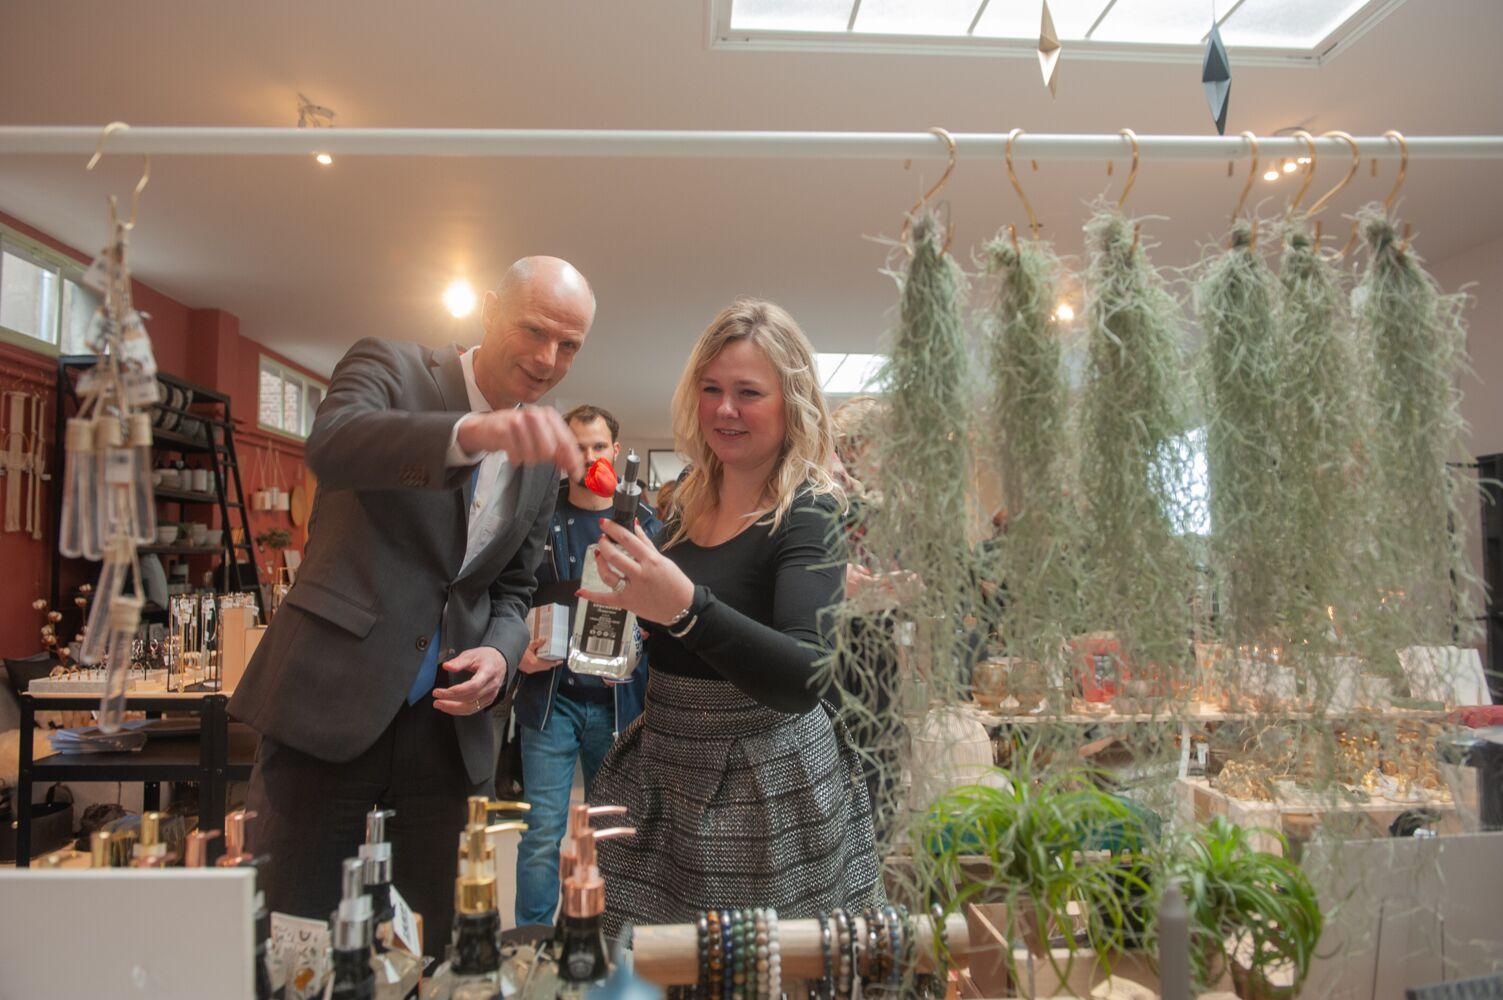 """Minister Stef Blok: """"Apeldoorn kan trots zijn op haar Doeners!"""""""